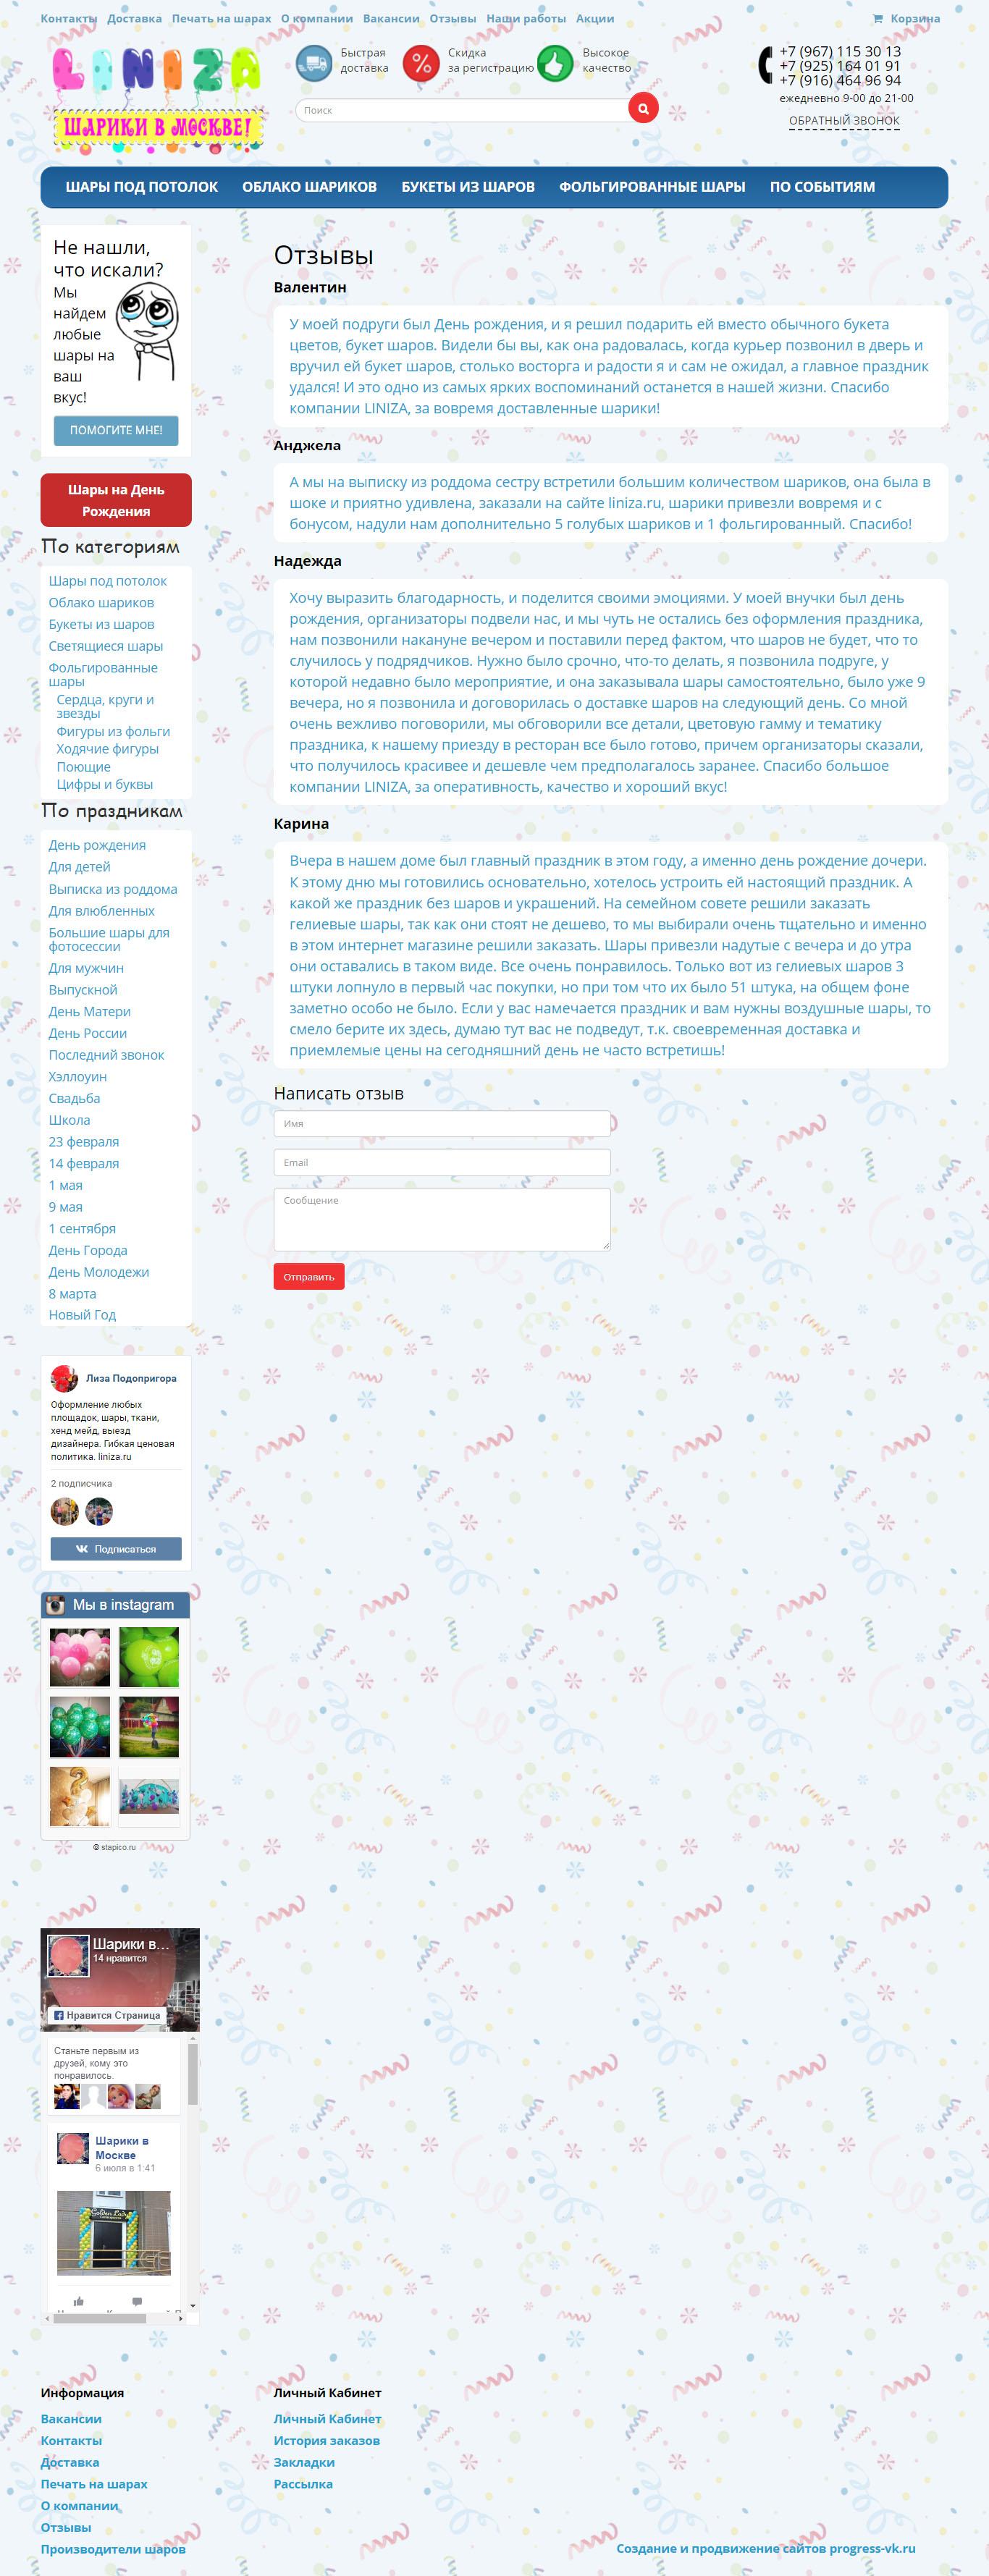 Создание интернет-магазина воздушных шариков